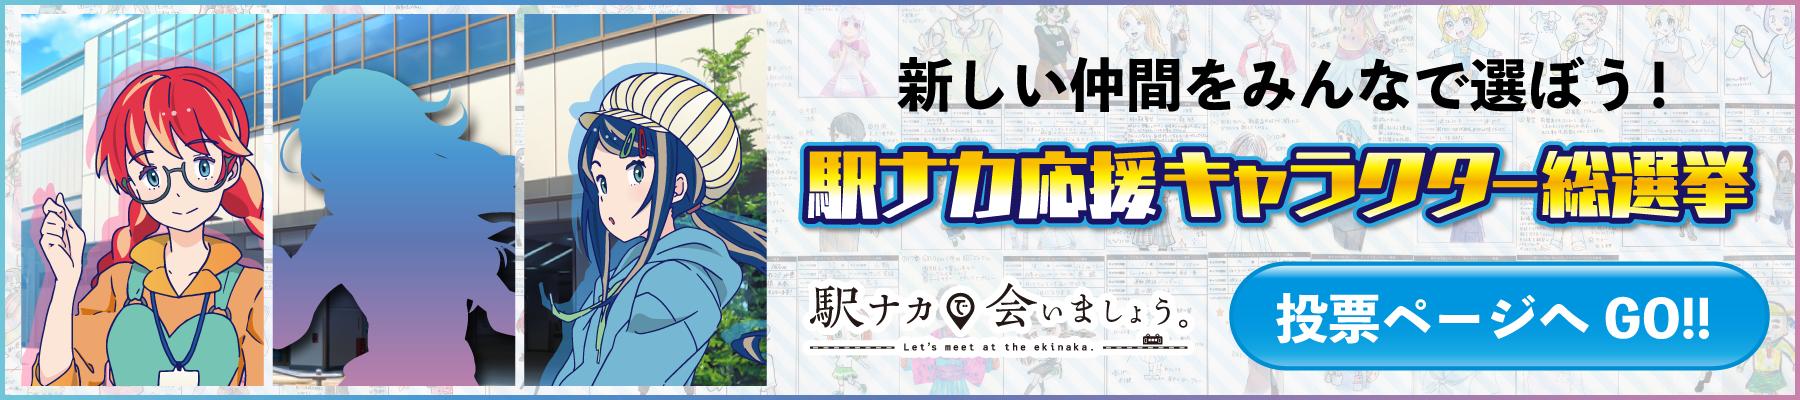 駅ナカで会いましょうキャラクター総選挙